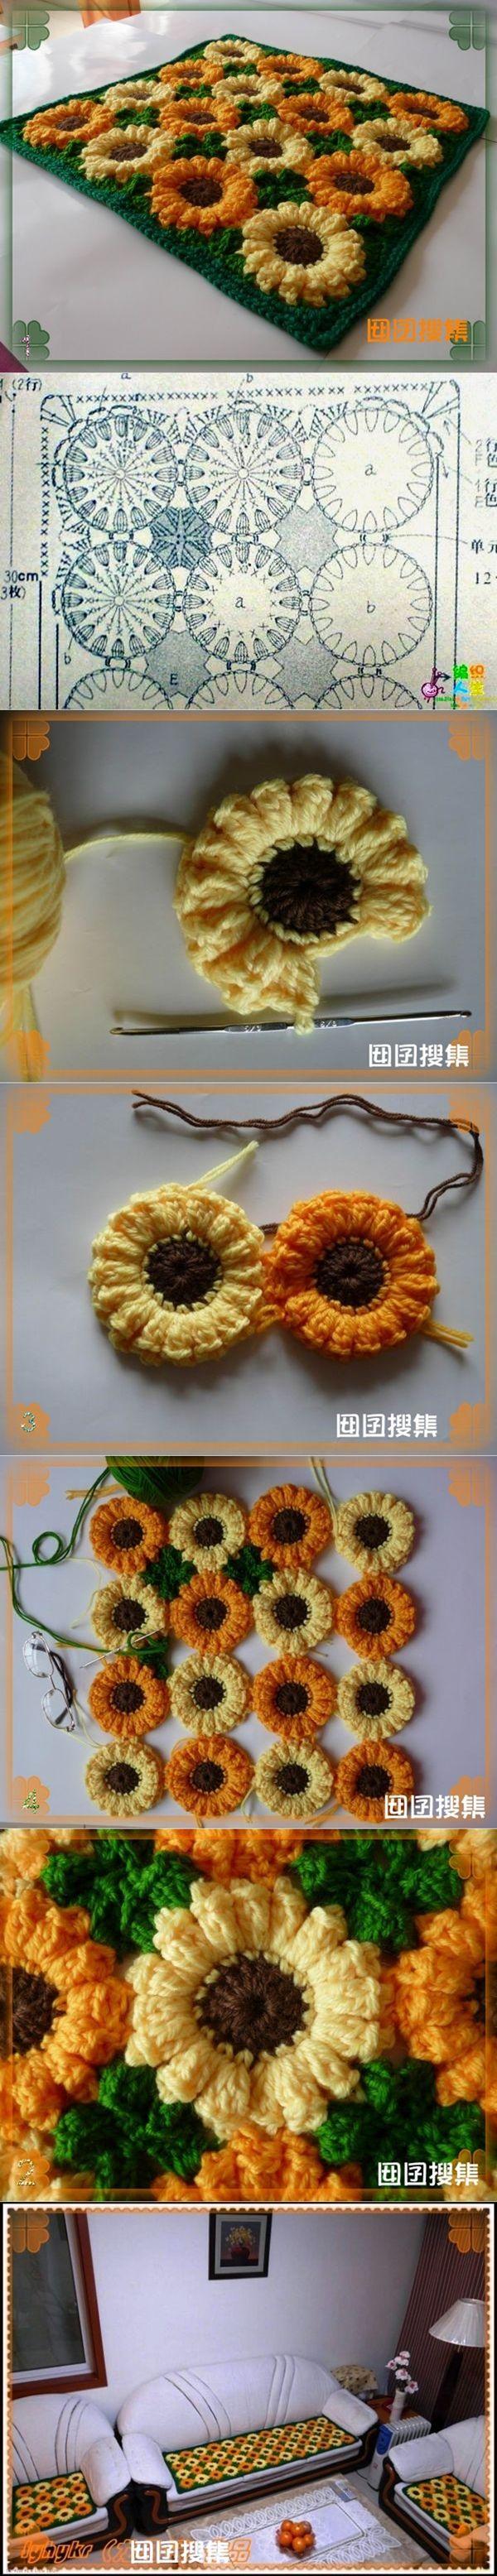 Wonderful DIY Crochet Sunflower Rug | Häkeln, Handarbeiten und Häckeln